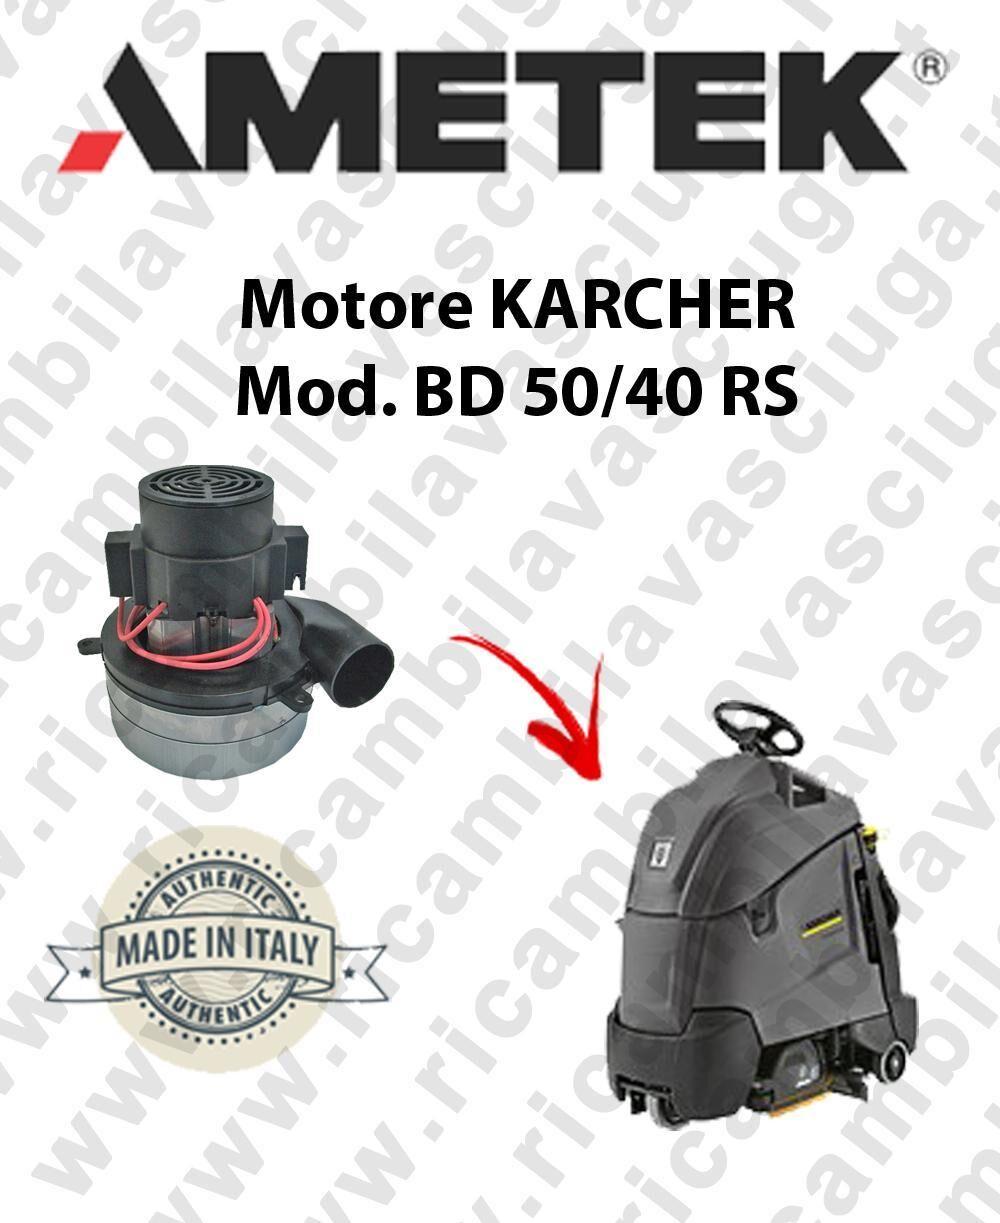 Karcher BD 50/40 RS MOTORE aspirazione AMETEK lavapavimenti